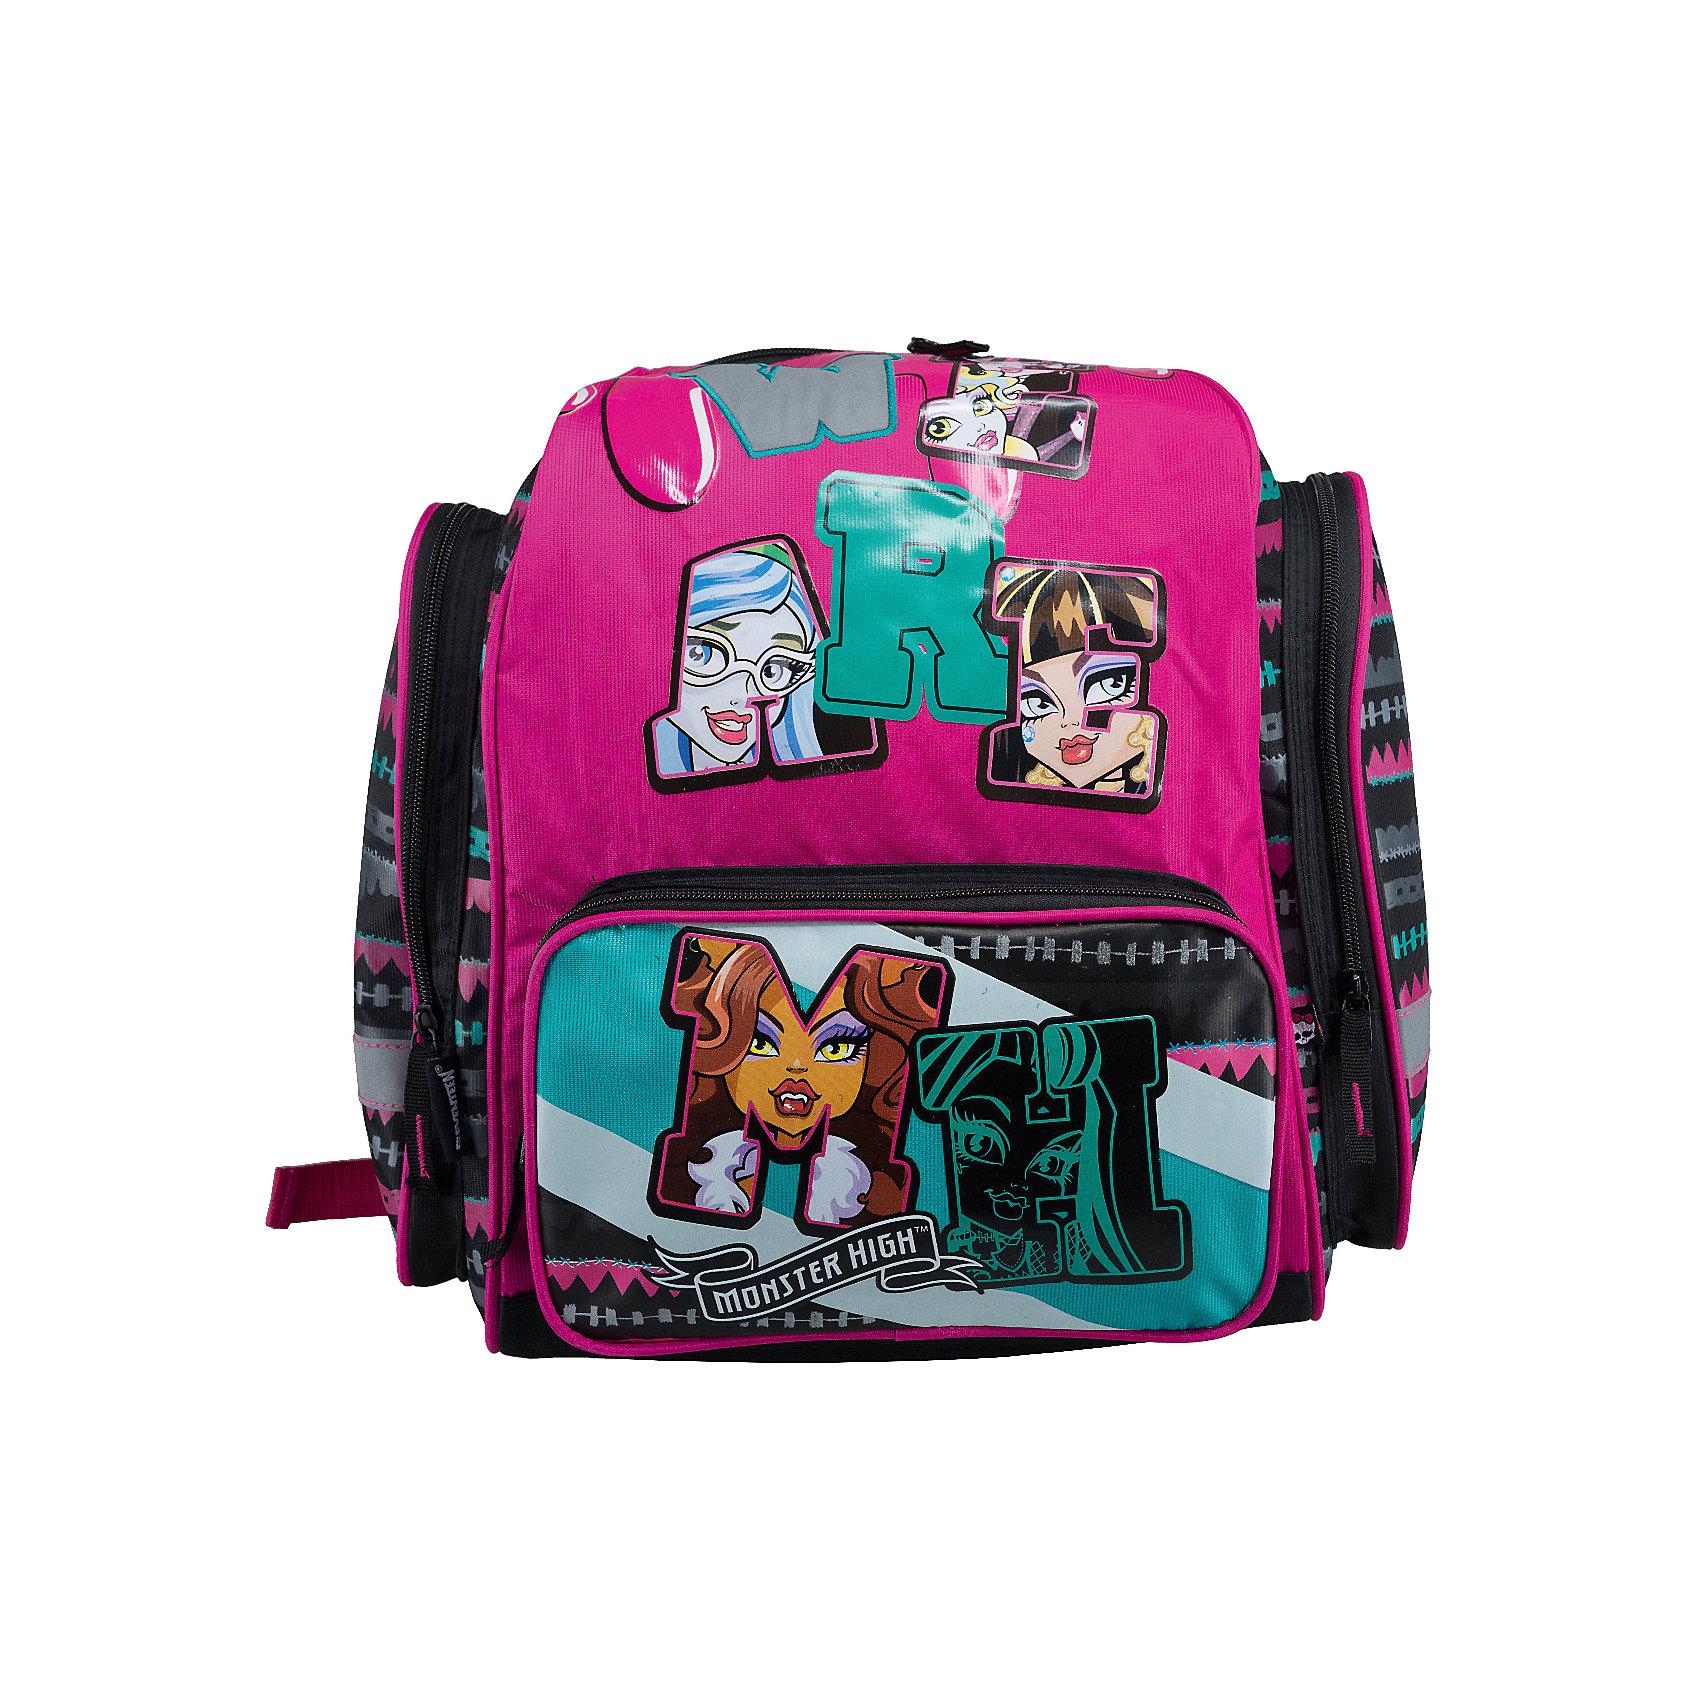 Эргономичный рюкзак, Monster HighЭргономический рюкзак, Monster High - идеальный вариант для школьных занятий. Рюкзак выполнен из прочного водонепроницаемого полиэстера розово-черной расцветки, имеет привлекательный для девочек дизайн и украшен изображениями очаровательных героинь из популярного мультсериала Школа монстров. Благодаря уплотненной спинке с толстым поролоном и воздухообменным сетчатым материалом, позвоночник ребенка не будет испытывать больших нагрузок во время эксплуатации рюкзака. Широкие лямки S-образной формы регулируются по длине и равномерно распределяют нагрузку на плечевой пояс. Также есть удобная прорезиненная ручка, за которую можно нести рюкзак. <br><br>Рюкзак закрывается на застежку-молнию, внутри одно вместительное отделение с двумя разделителями для тетрадей или учебников. На лицевой стороне расположен большой накладной карман на молнии, а также два кармана-пенала на молнии по бокам. Светоотражающие элементы обеспечивают безопасность в темное время суток.<br><br>Дополнительная информация:<br><br>- Материал: полиэстер, текстиль, пластик, поролон. <br>- Размер: 38 х 36 х 14 см.<br>- Размер упаковки: 40 x 36 x 8 см.<br>- Вес: 0,7 кг.<br><br>Эргономический рюкзак, Monster High, можно купить в нашем интернет-магазине.<br><br>Ширина мм: 140<br>Глубина мм: 360<br>Высота мм: 380<br>Вес г: 500<br>Возраст от месяцев: 120<br>Возраст до месяцев: 144<br>Пол: Женский<br>Возраст: Детский<br>SKU: 4489566